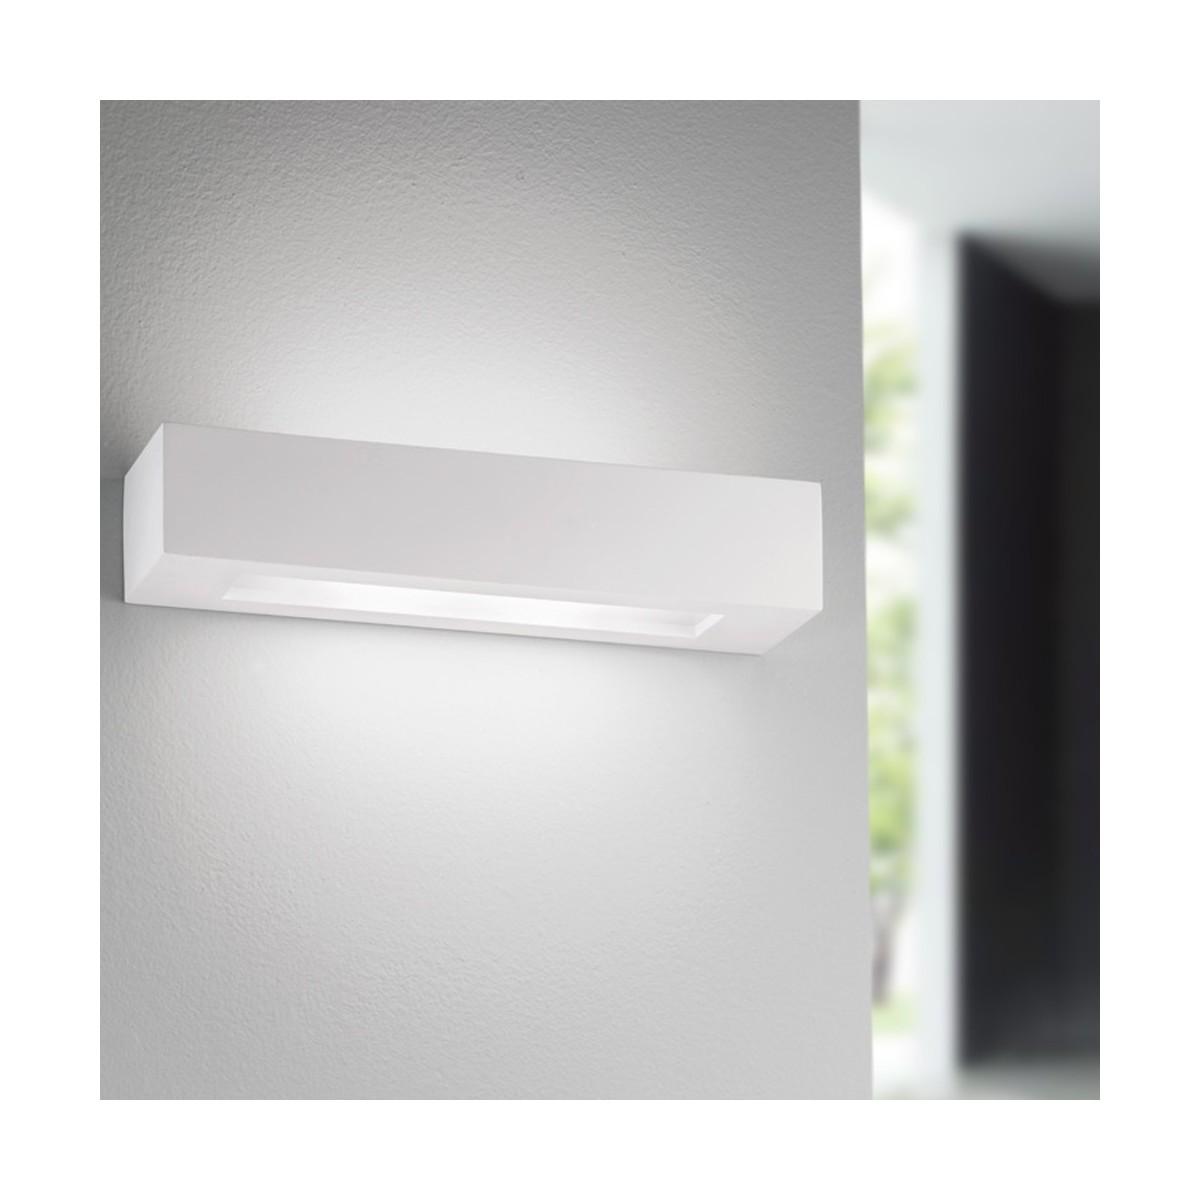 I-CANDIDA-AP - Enduit à peindre rectangulaire à diffusion de lumière à double paroi E14